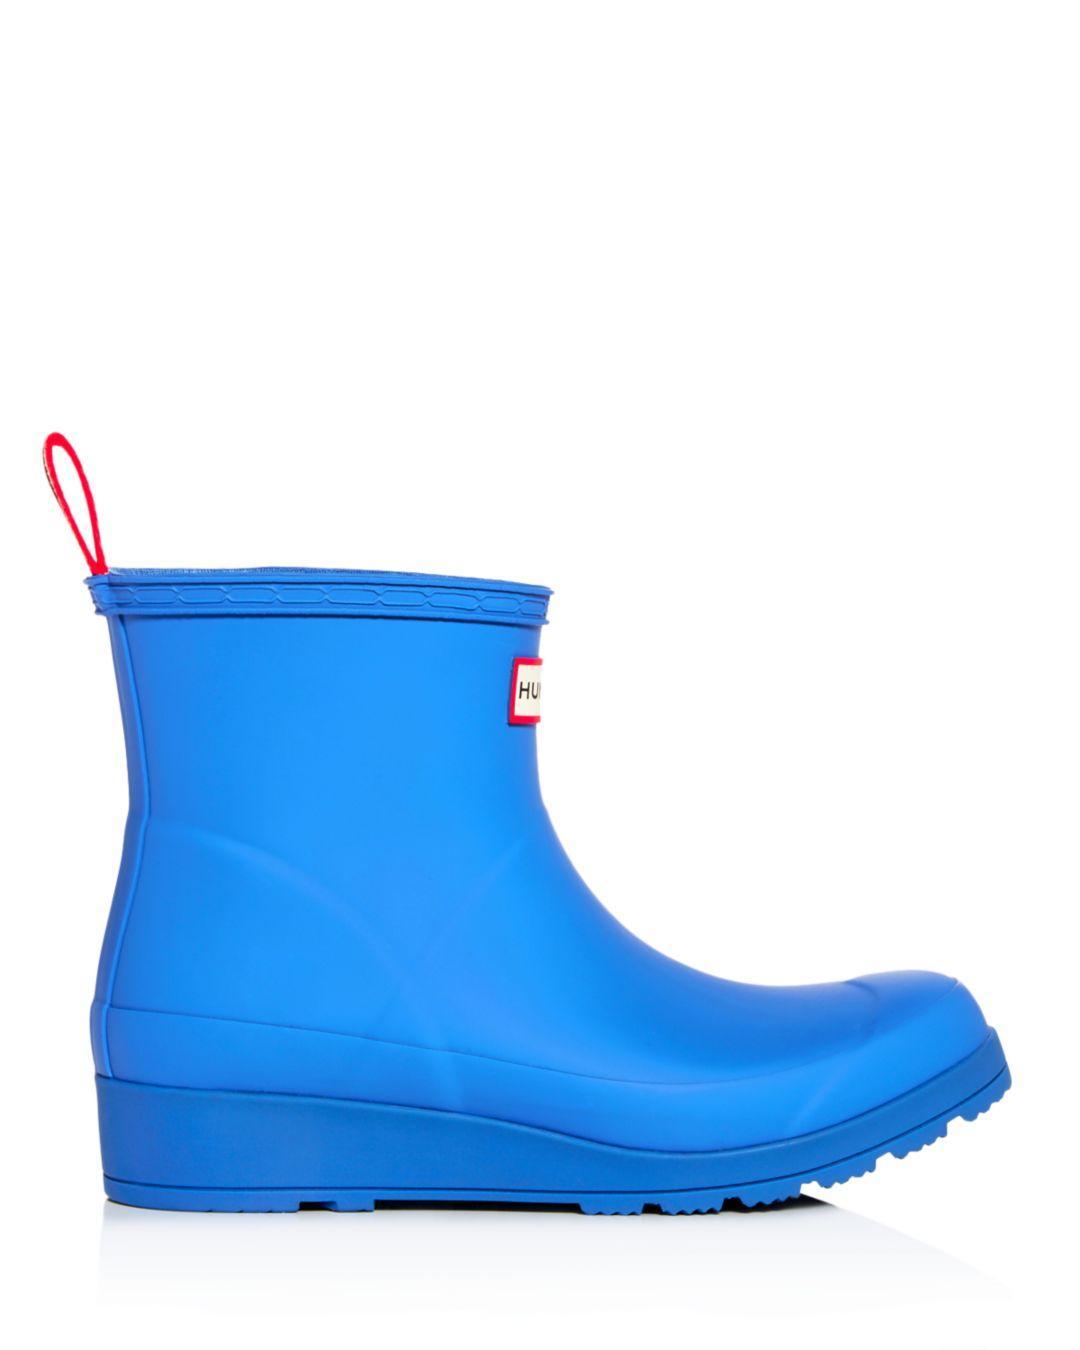 1d4d8455d HUNTER Women s Original Short Play Wedge Rain Boots in Blue - Lyst